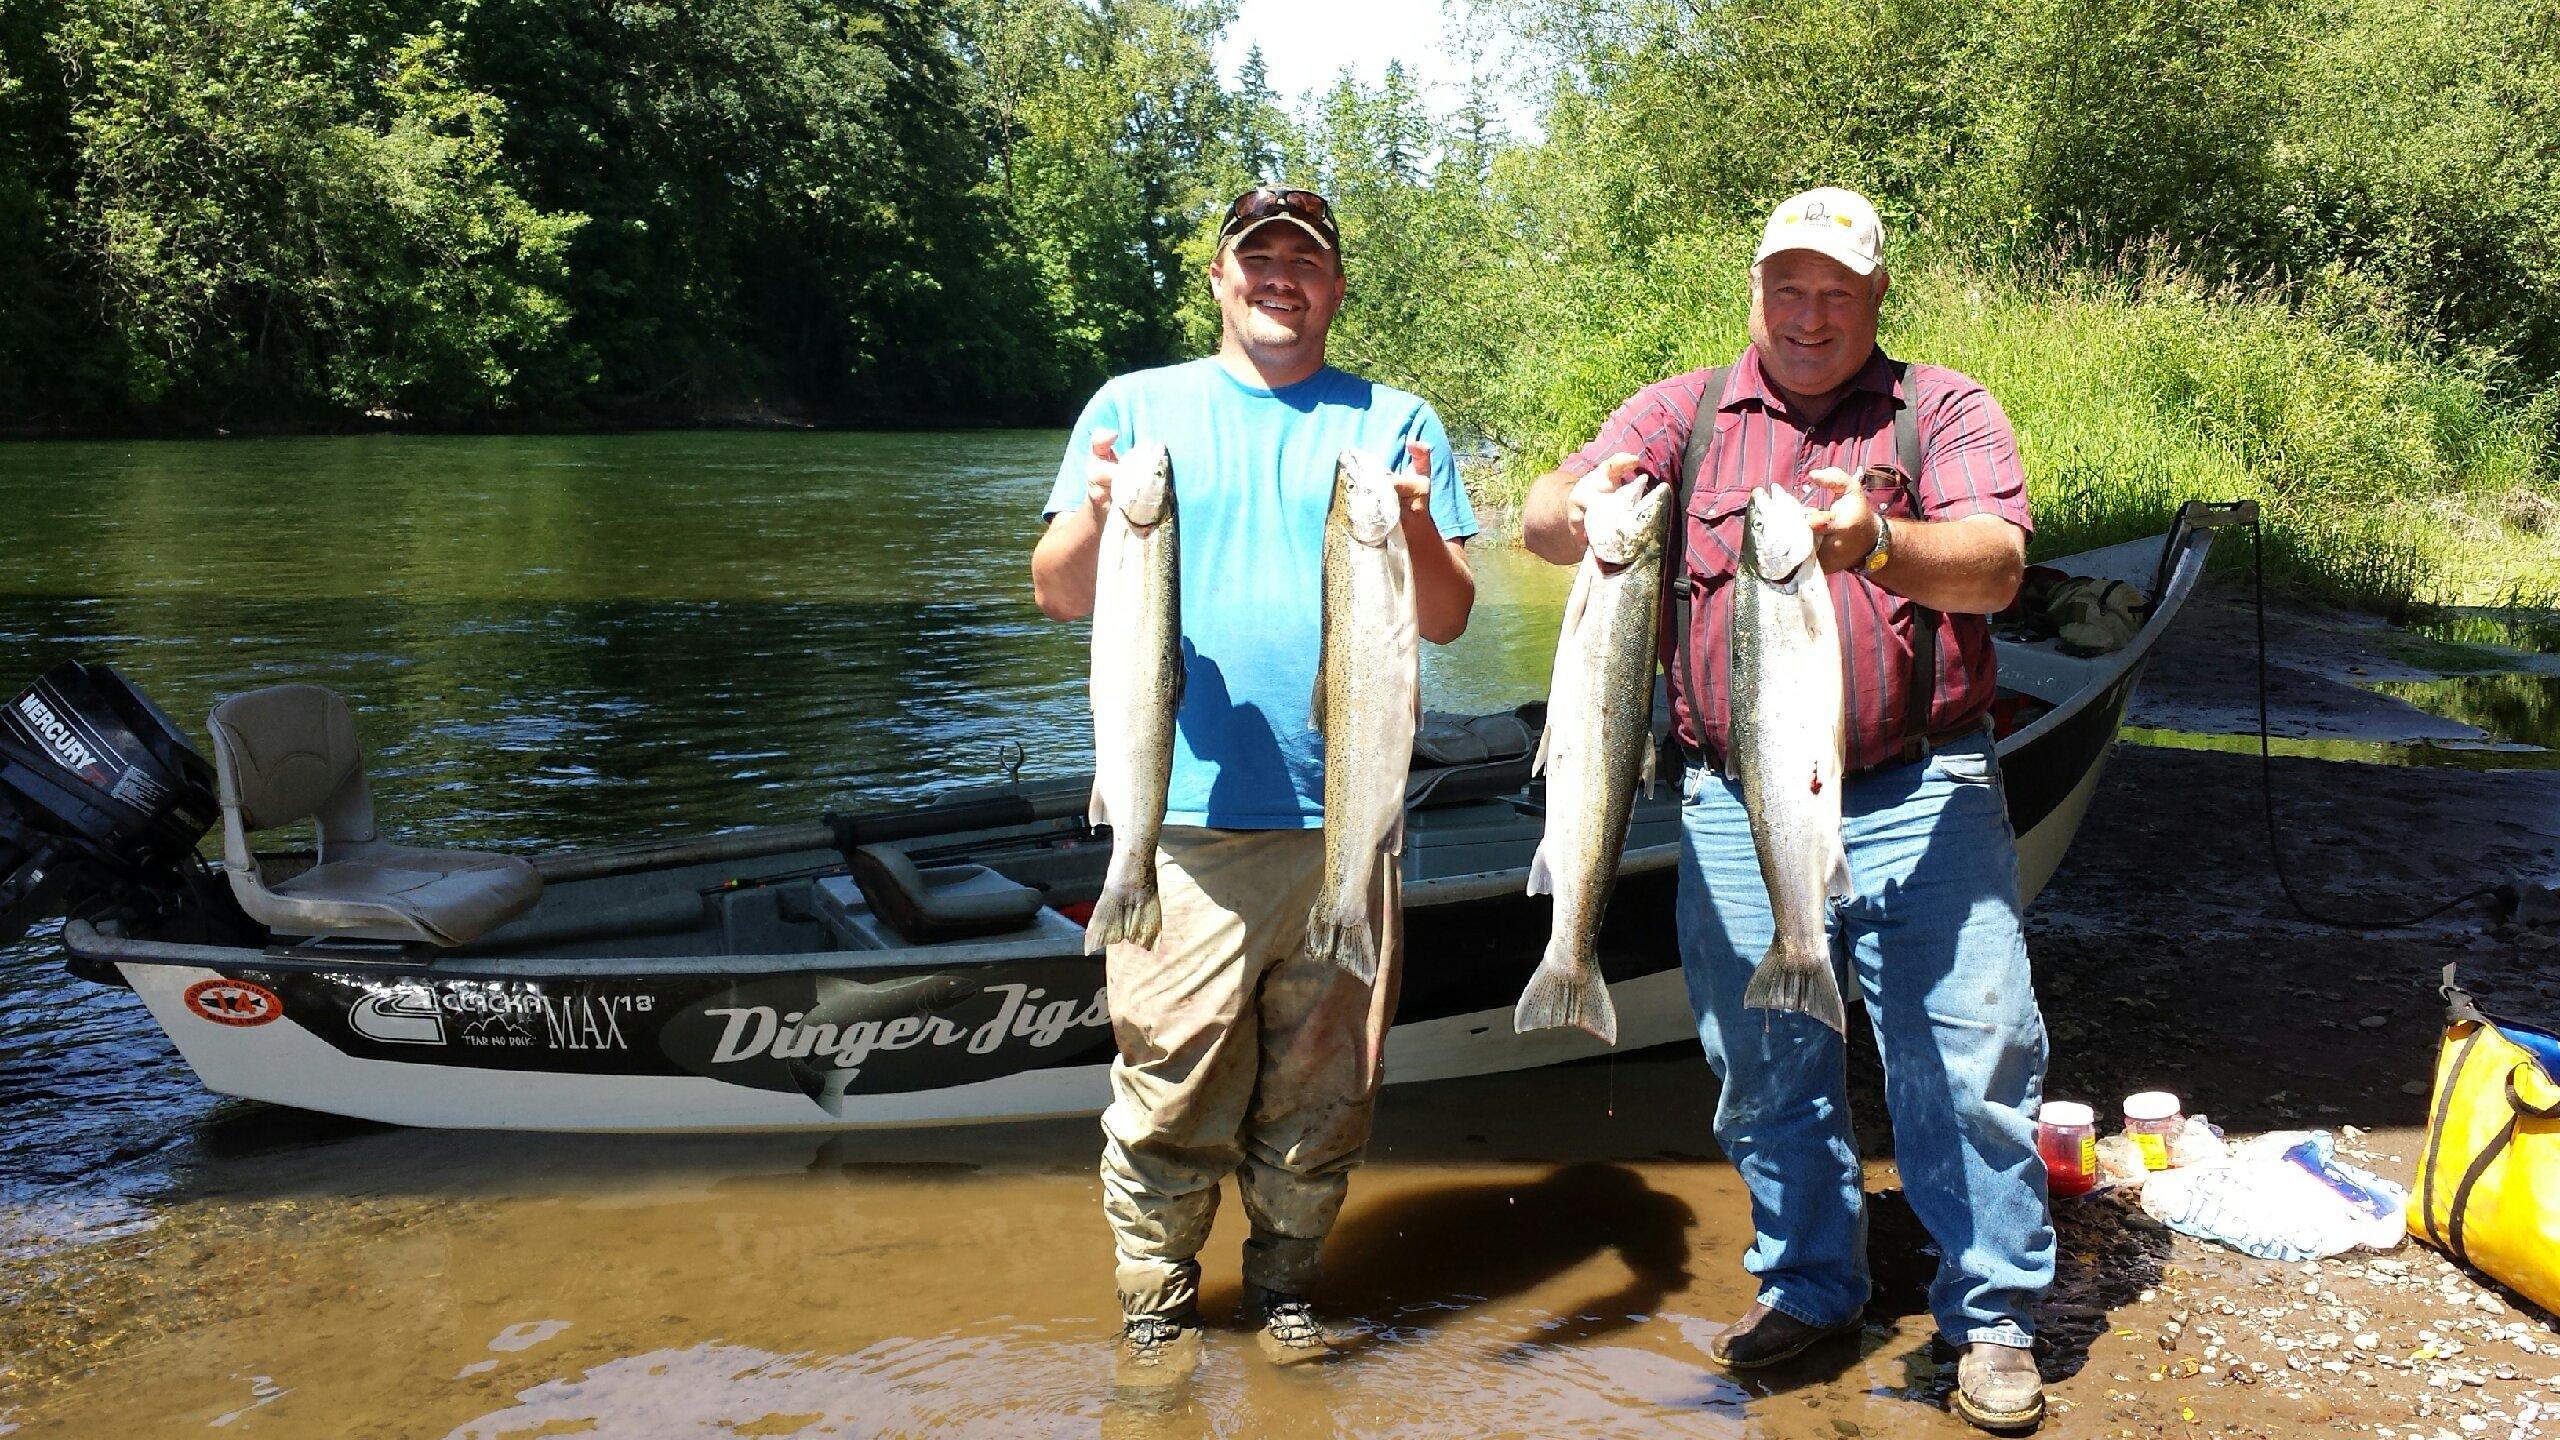 Matt halseth guide service for Siletz river fishing report